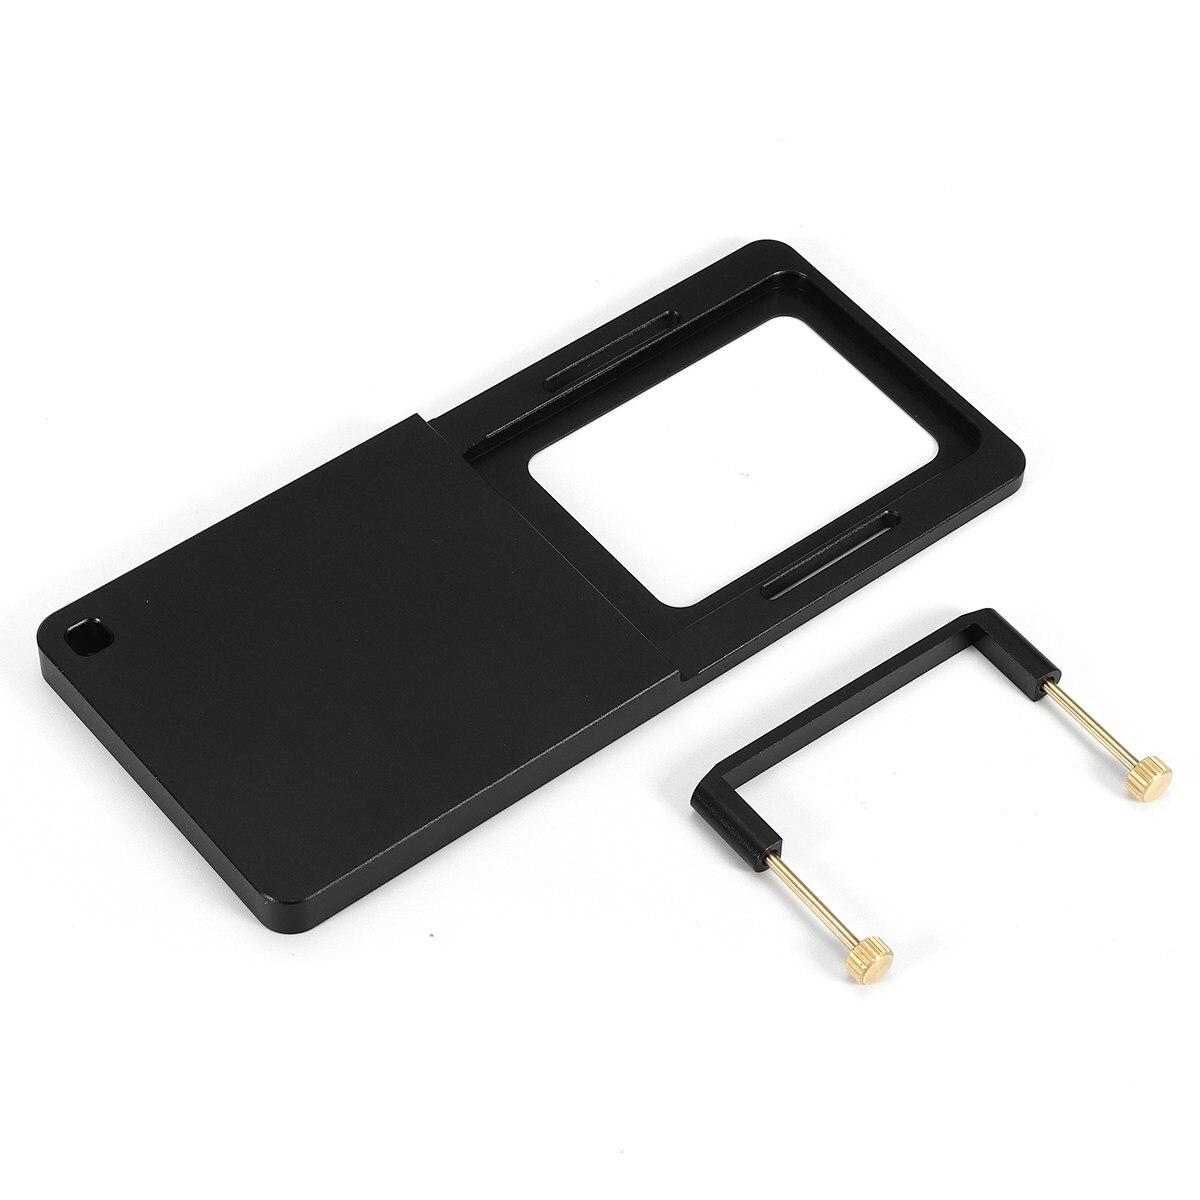 Kompatibel Schalter Montieren Platte adapter Für Gopro 6 5 4 3 3 + Xiaoyi 4 karat dji Osmo Mobile Für zhiyun Z1 Glatte C R 2 II Gimbal